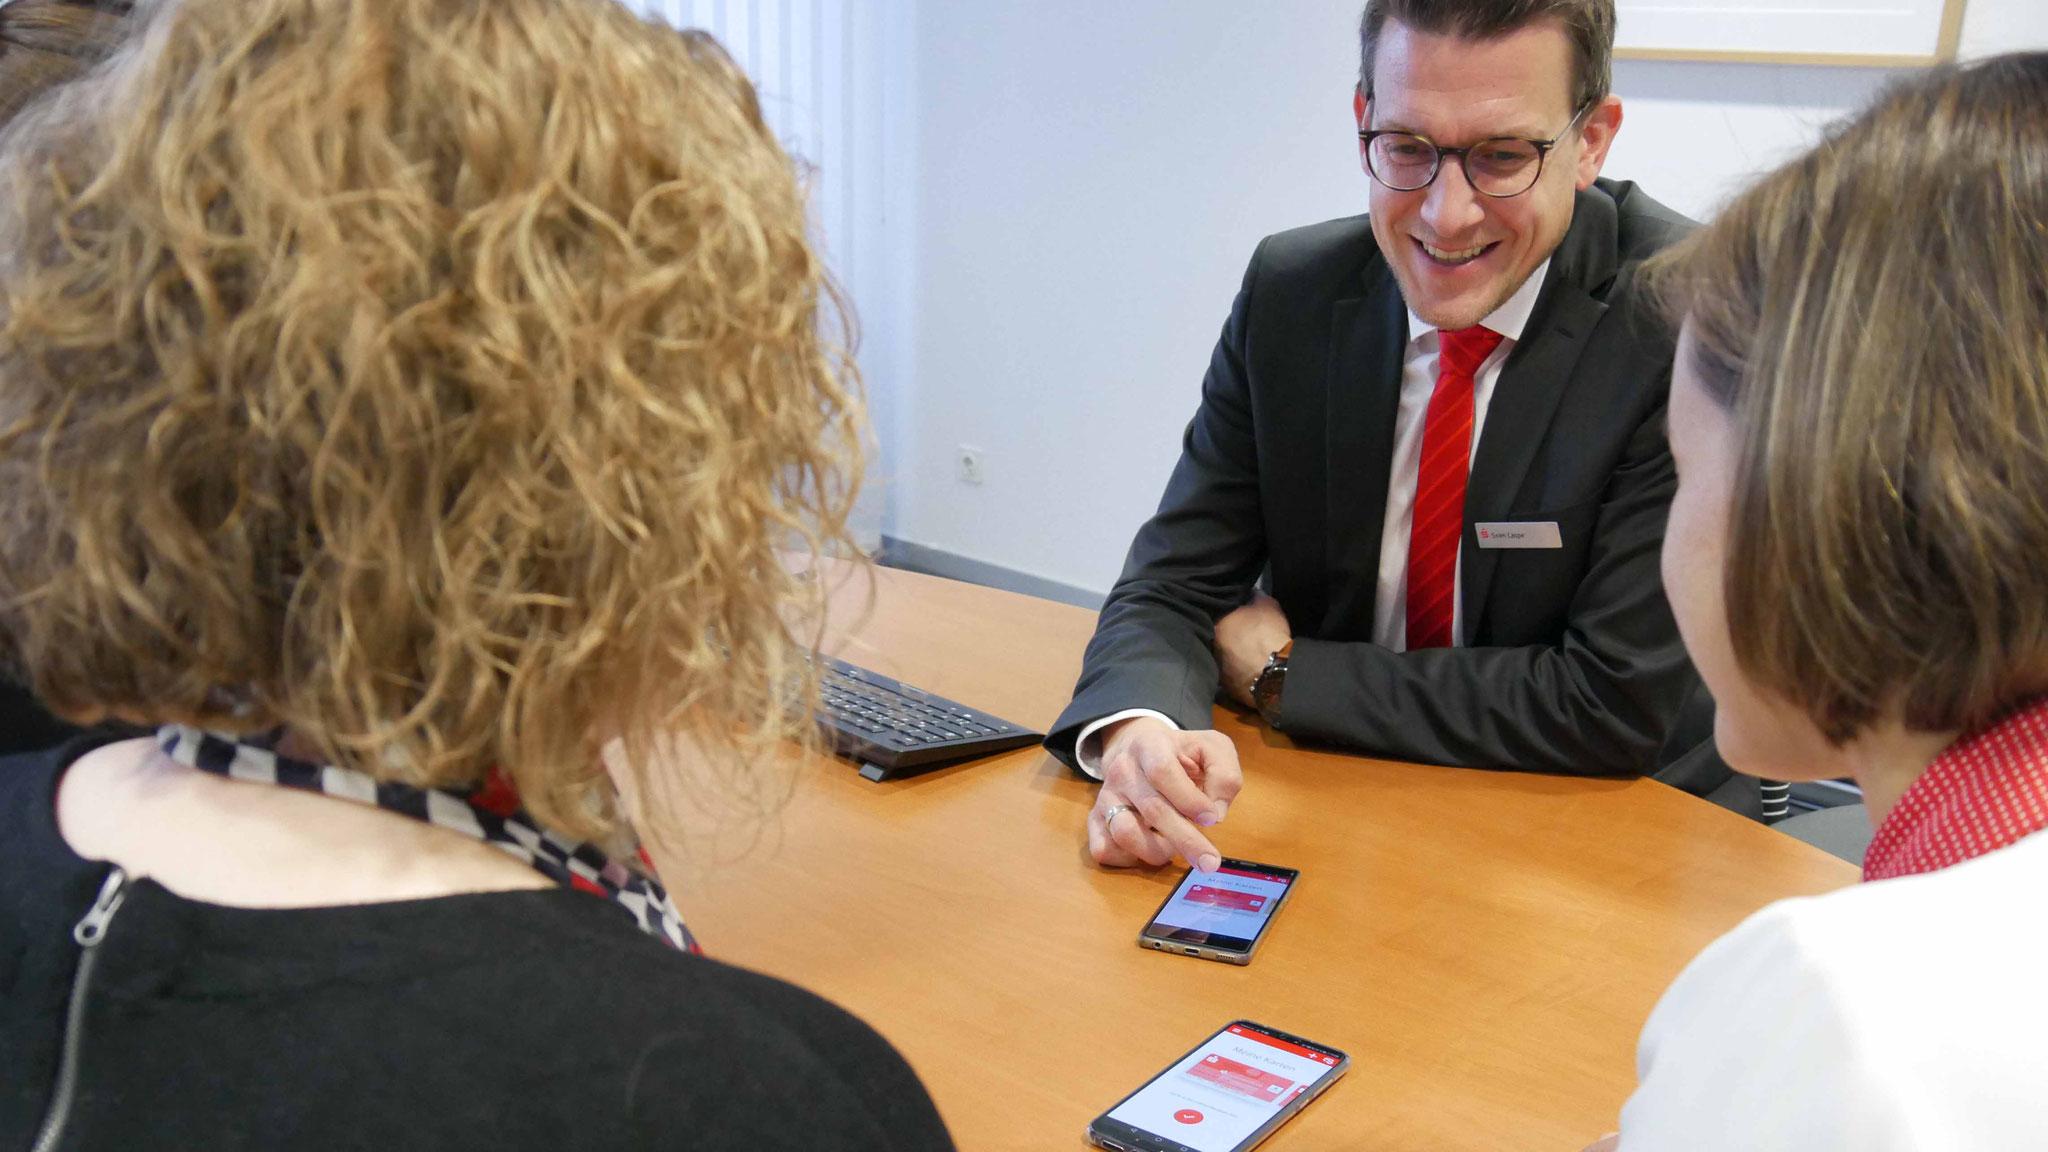 Wenn ein Bankmitarbeiter die Sparkassen-App noch nie benutzt hat, kann er nicht kompetent beraten.